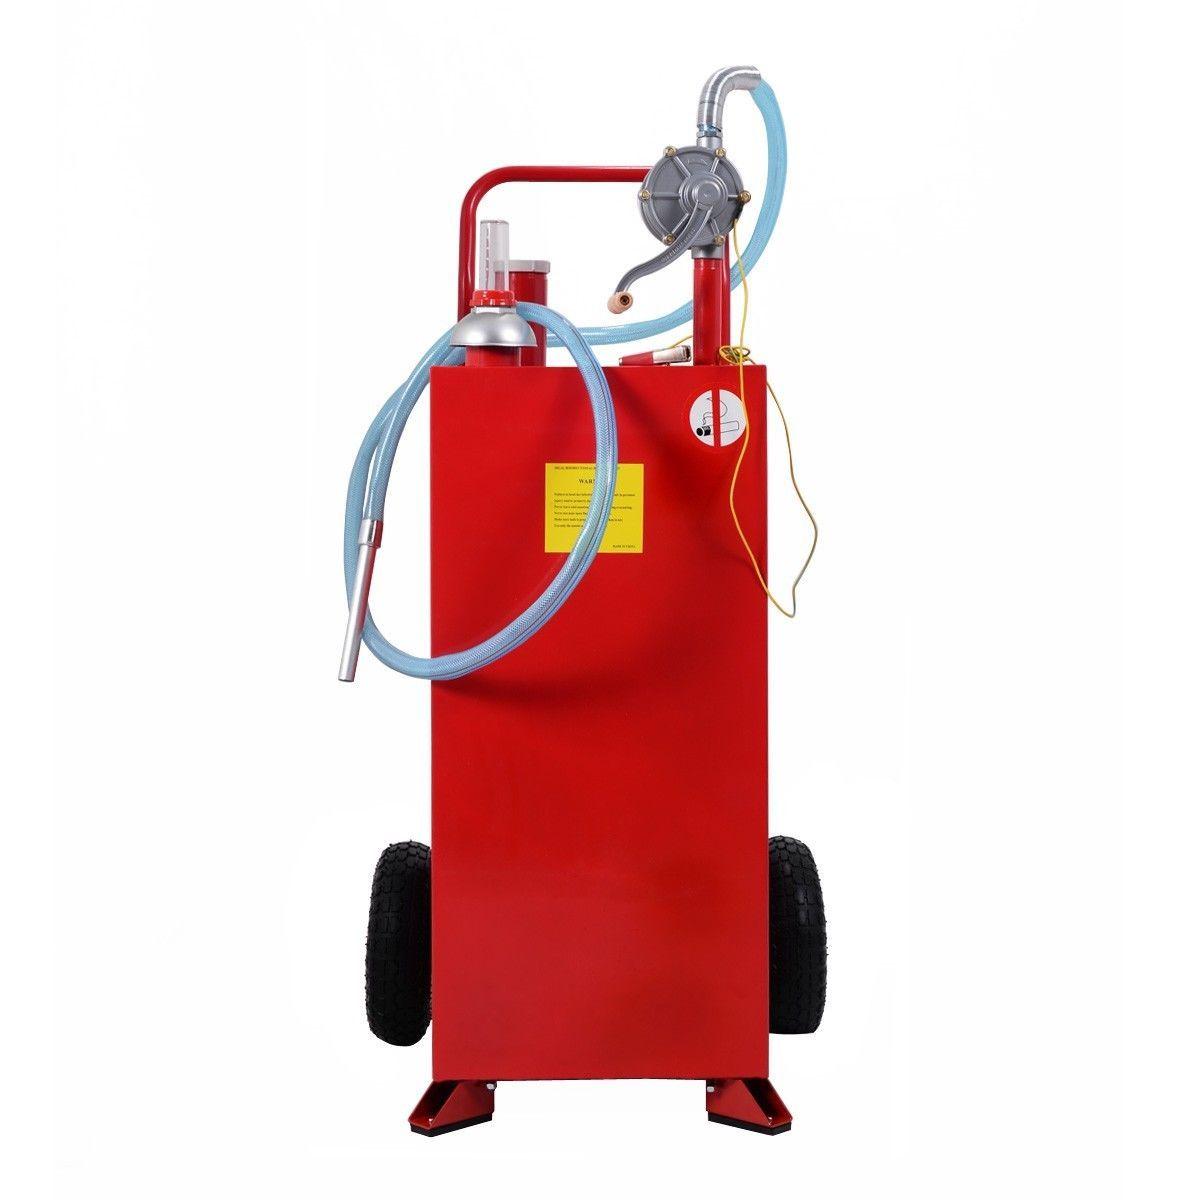 30 Gallon Gas Tank Storage Diesel Fuel Caddy Diesel Fuel Gas Tanks Fuel Storage